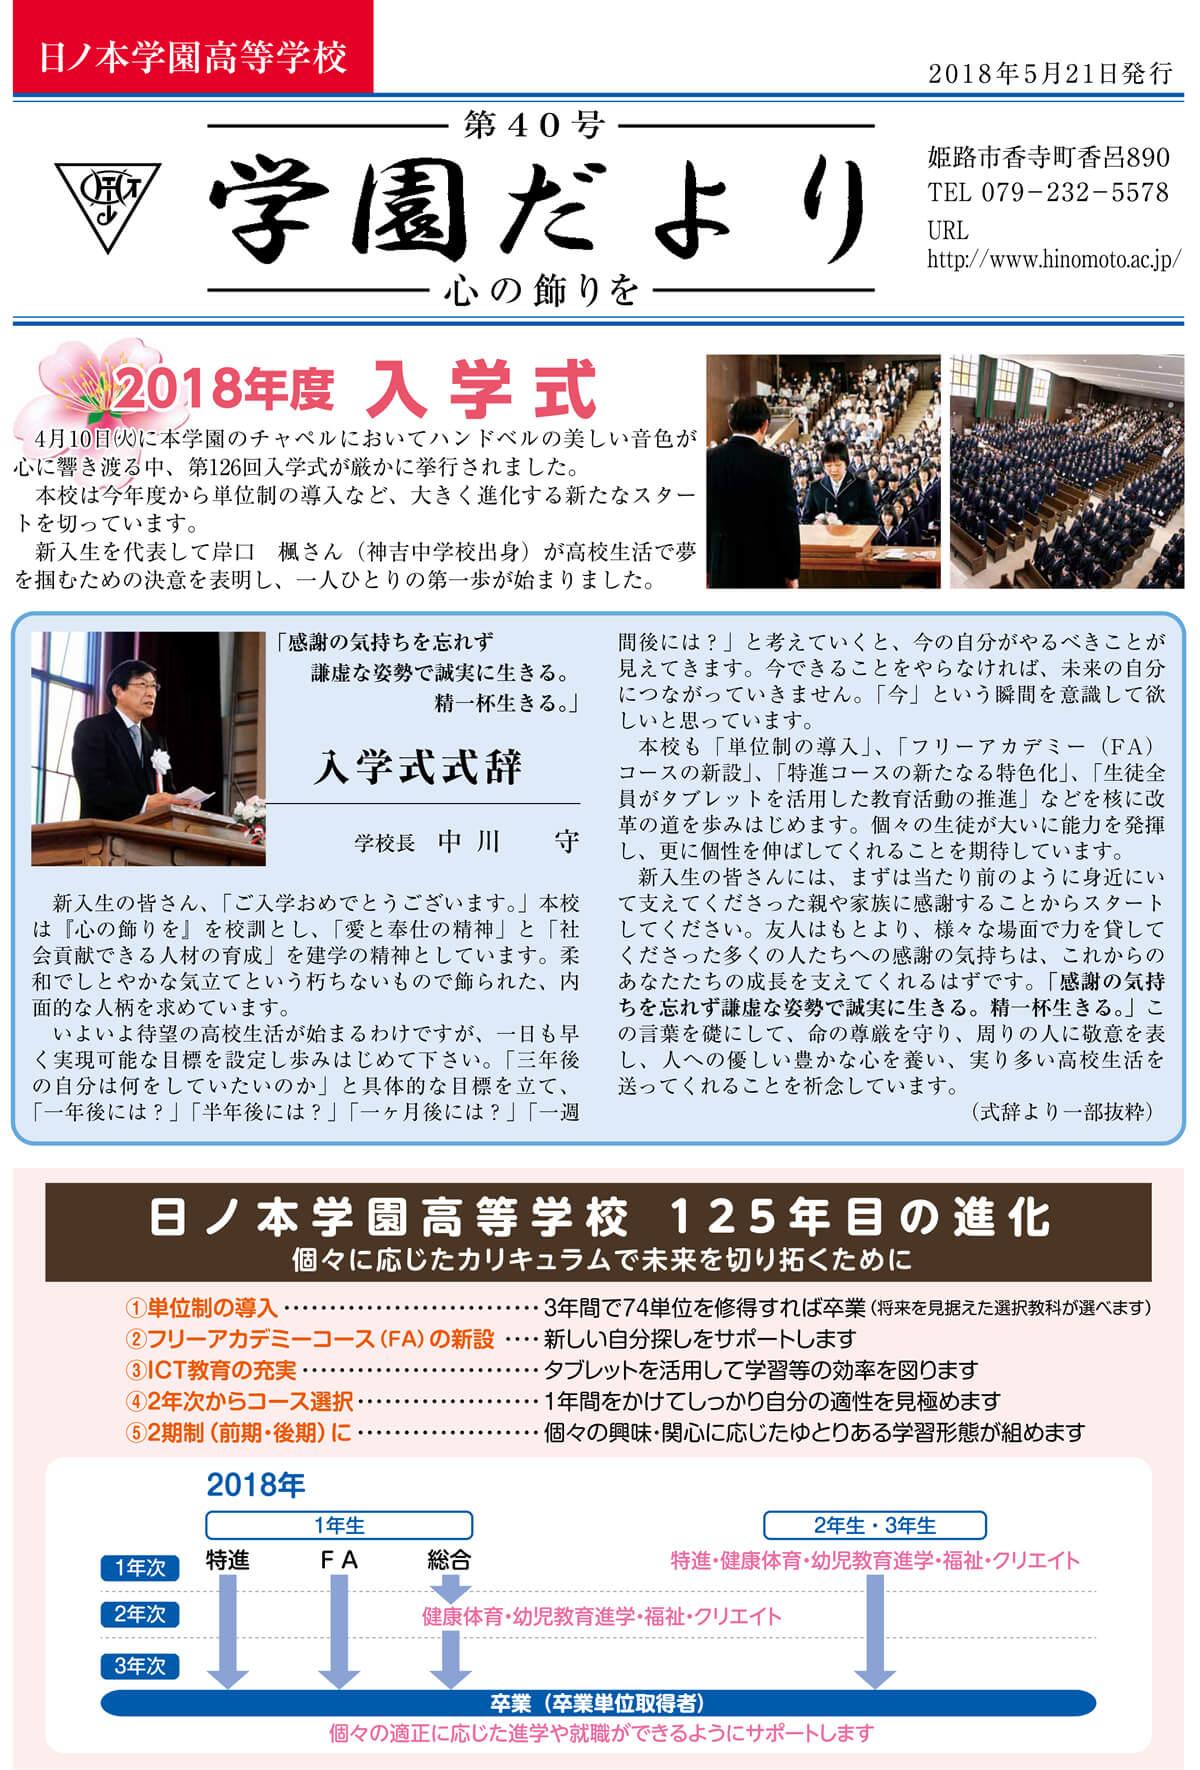 2018年5月21日発行 「学園だより」第40号